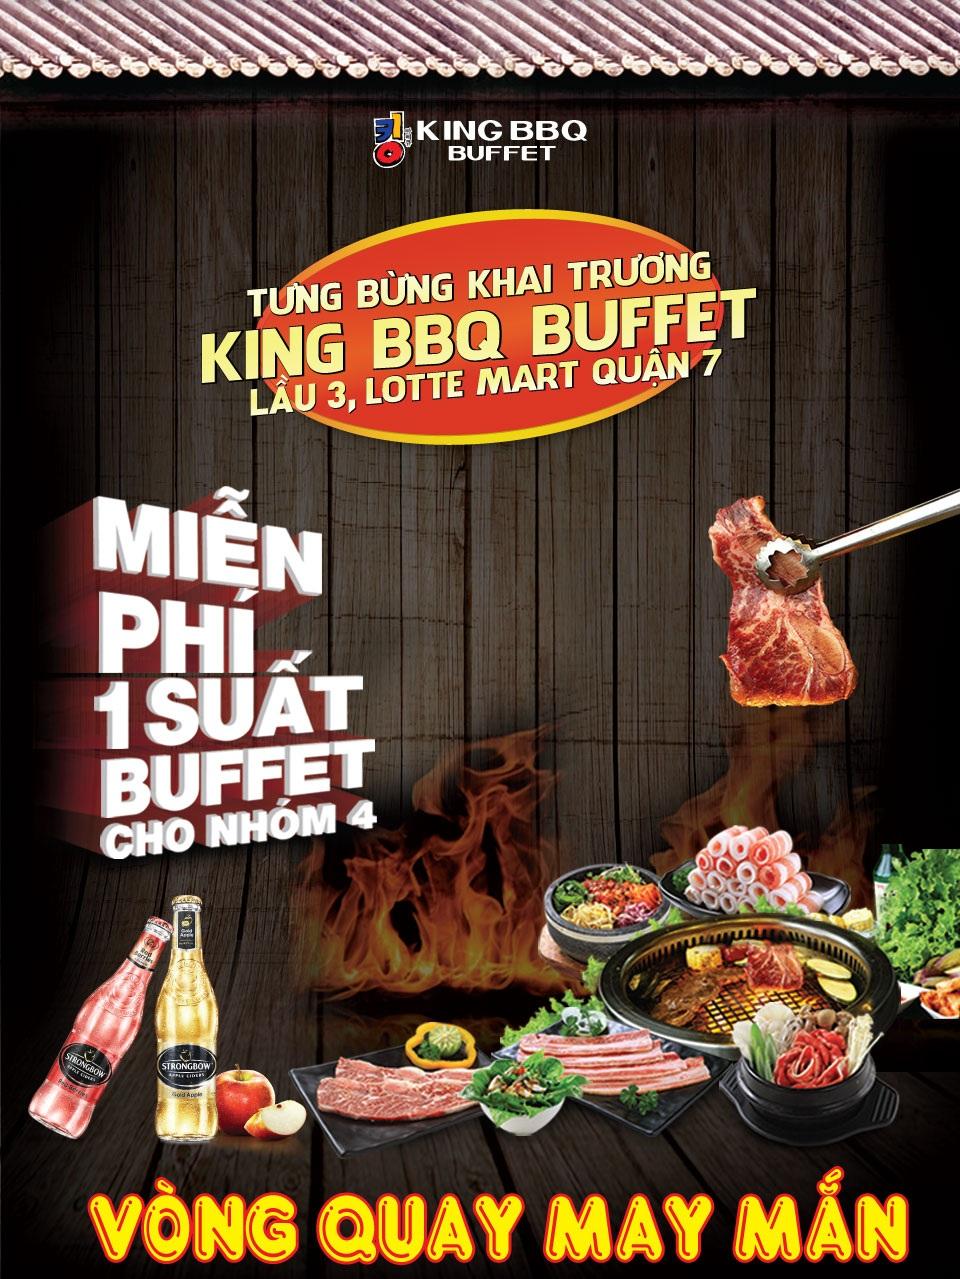 Khai trương King BBQ Buffet Lotte Mart BUFFET